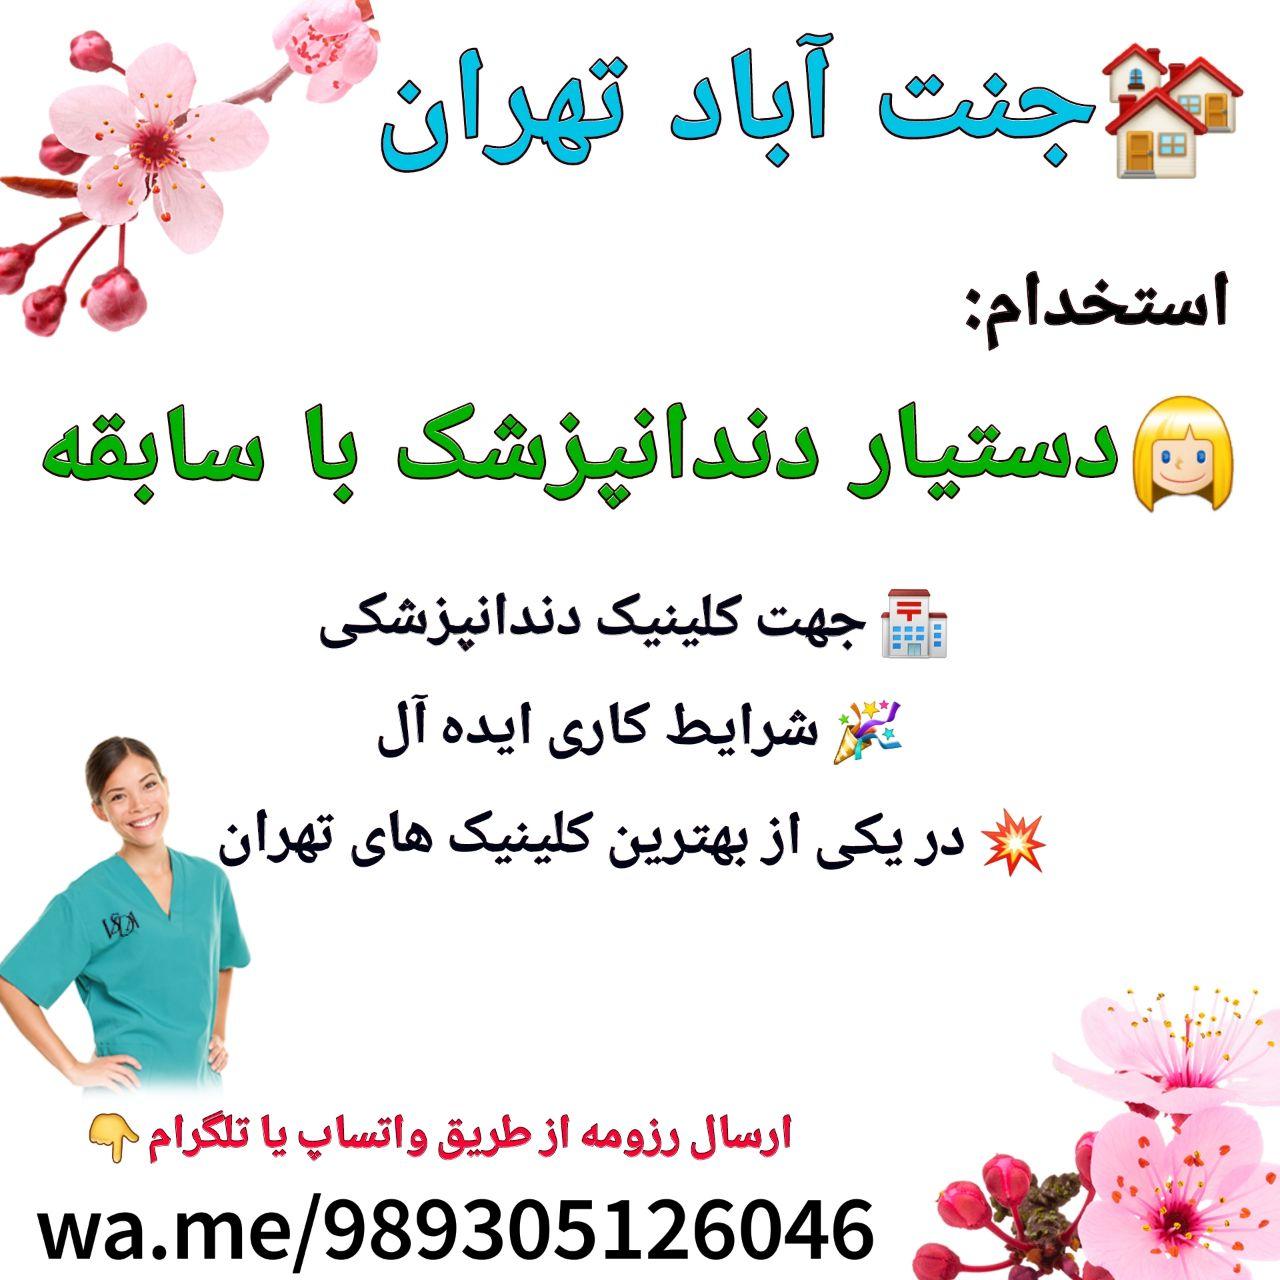 جنت آباد تهران: نیاز به دستیار دندانپزشک با سابقه